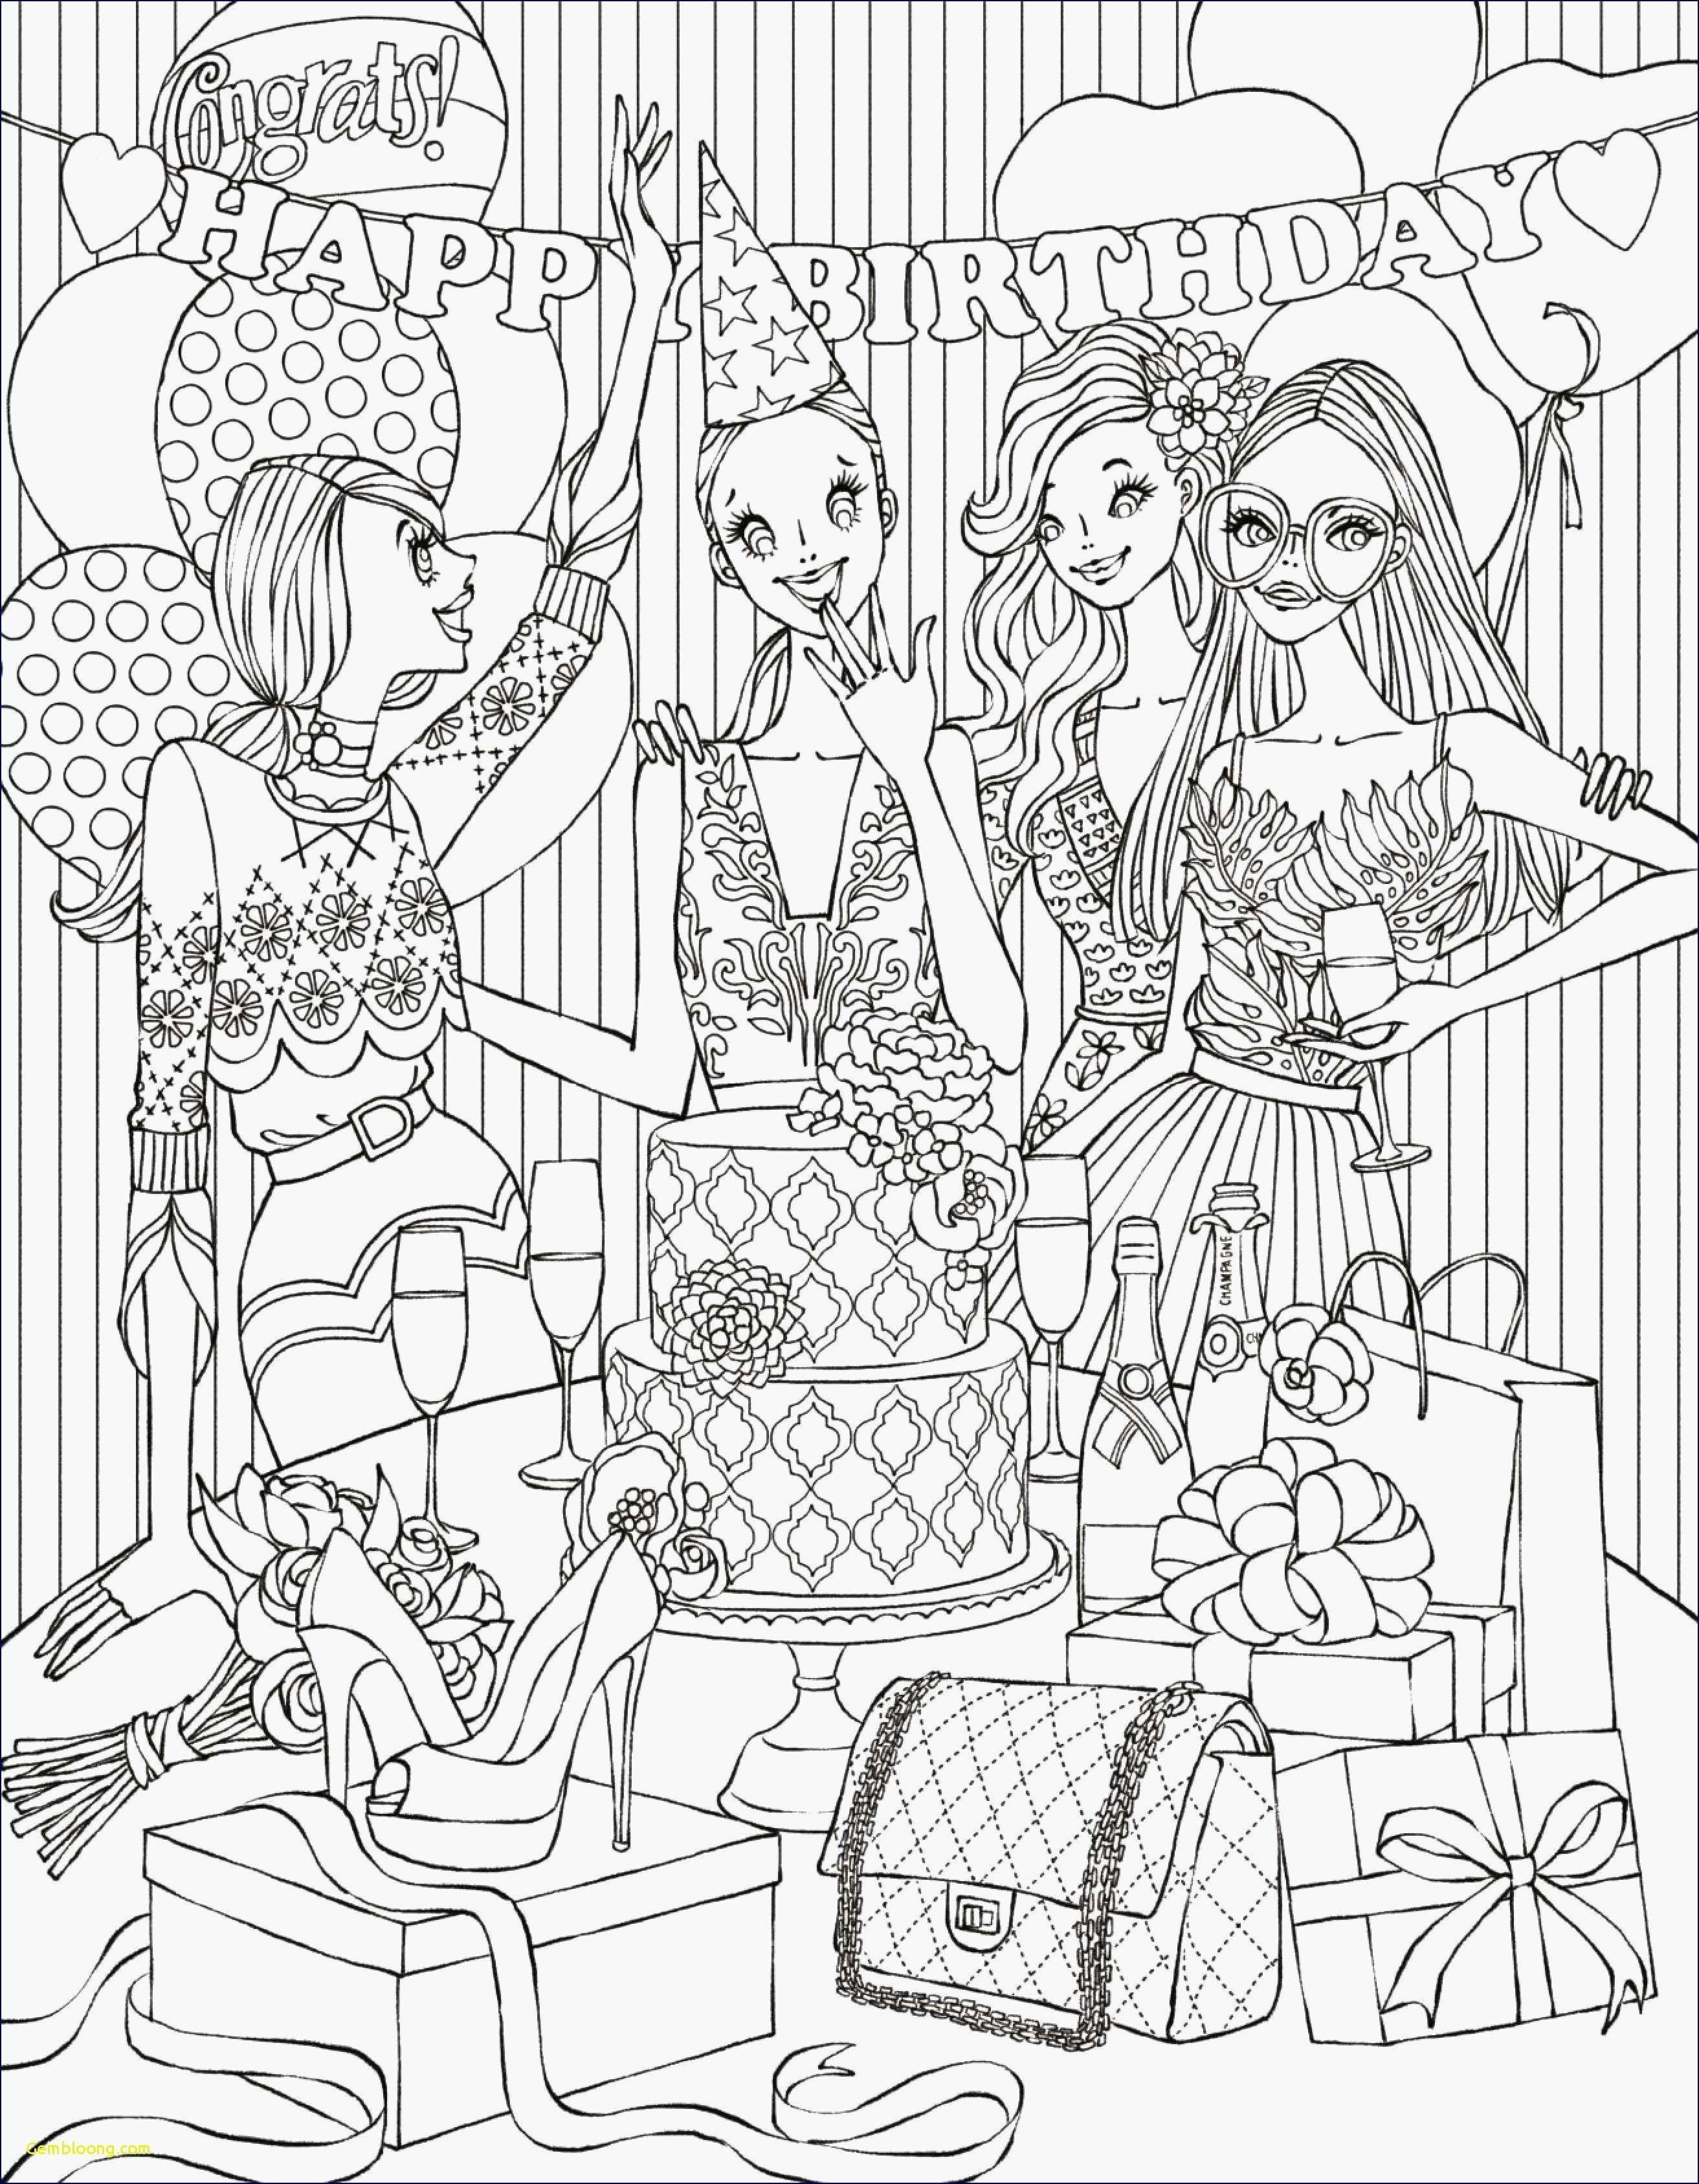 Ausmalbilder Disney Prinzessin Jasmin Das Beste Von 50 Neu Ausmalbilder Prinzessin Disney Beste Malvorlage Bild